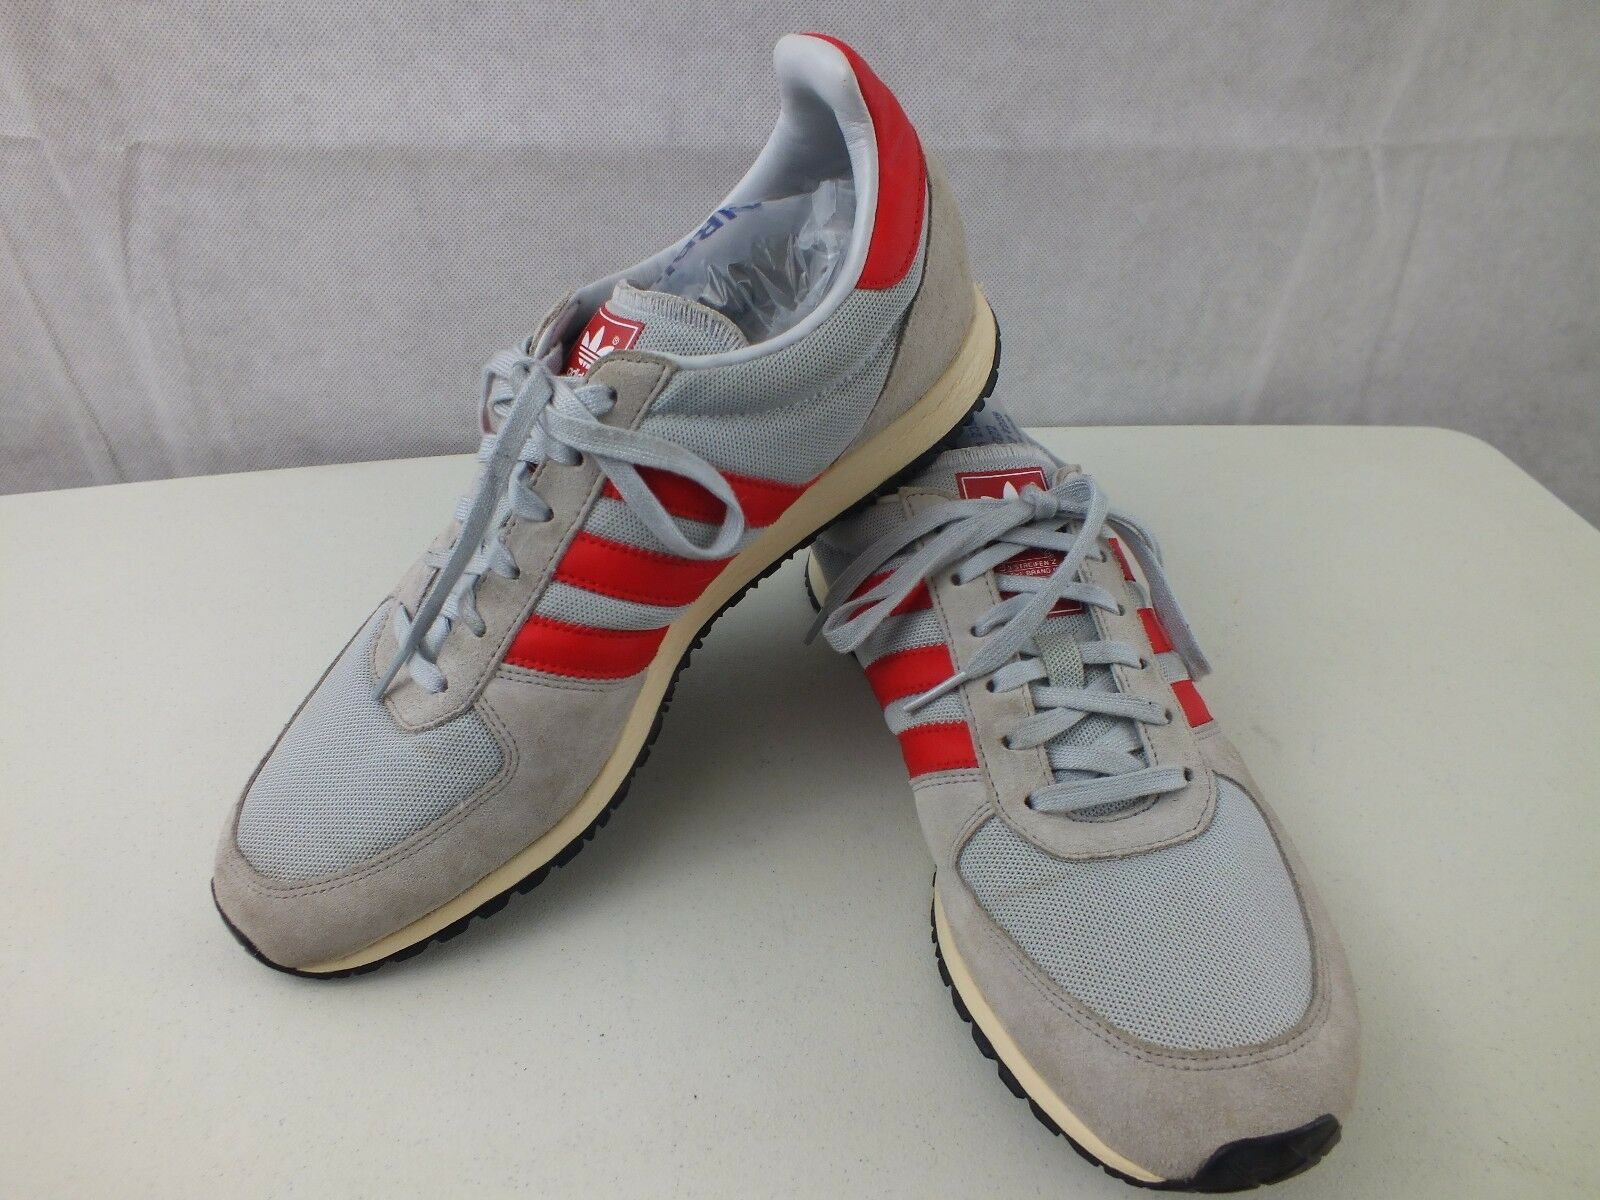 Adidas Hombre gris / Rojo Shoes 3 Stripe Athletic Sneakers Shoes Rojo Talla 9.5 El mas popular de zapatos para hombres y mujeres c9d5ec